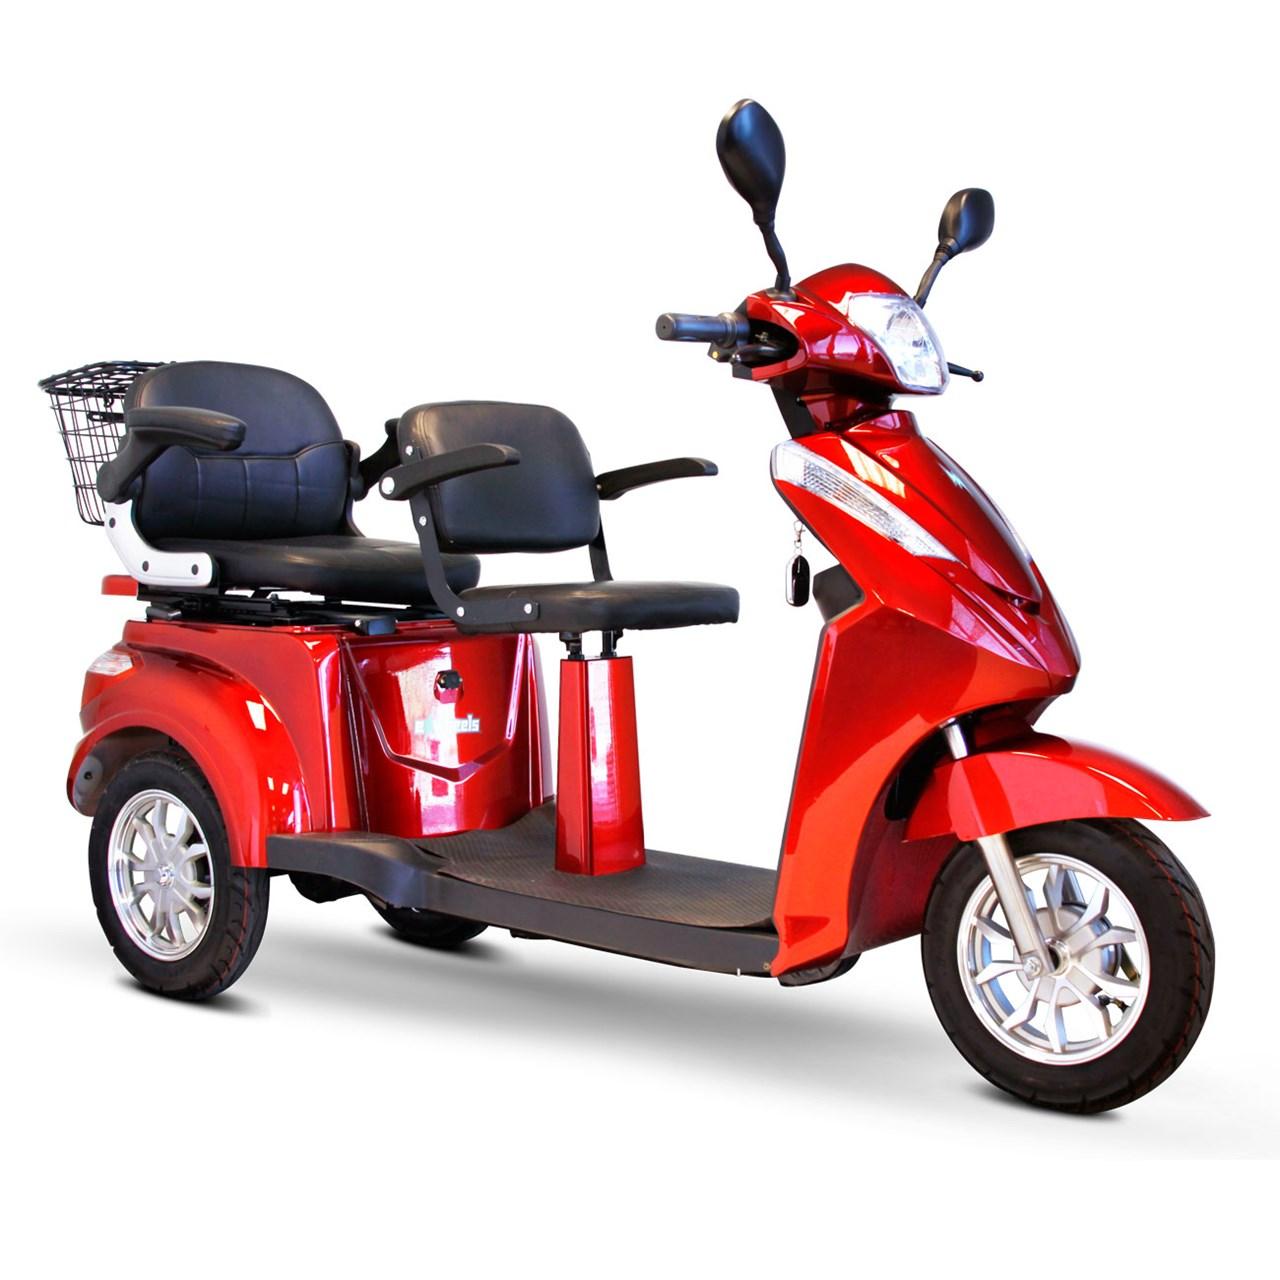 EWheels EW-66 2-Passenger Heavy-Duty Scooter by Electric Wheels LLC